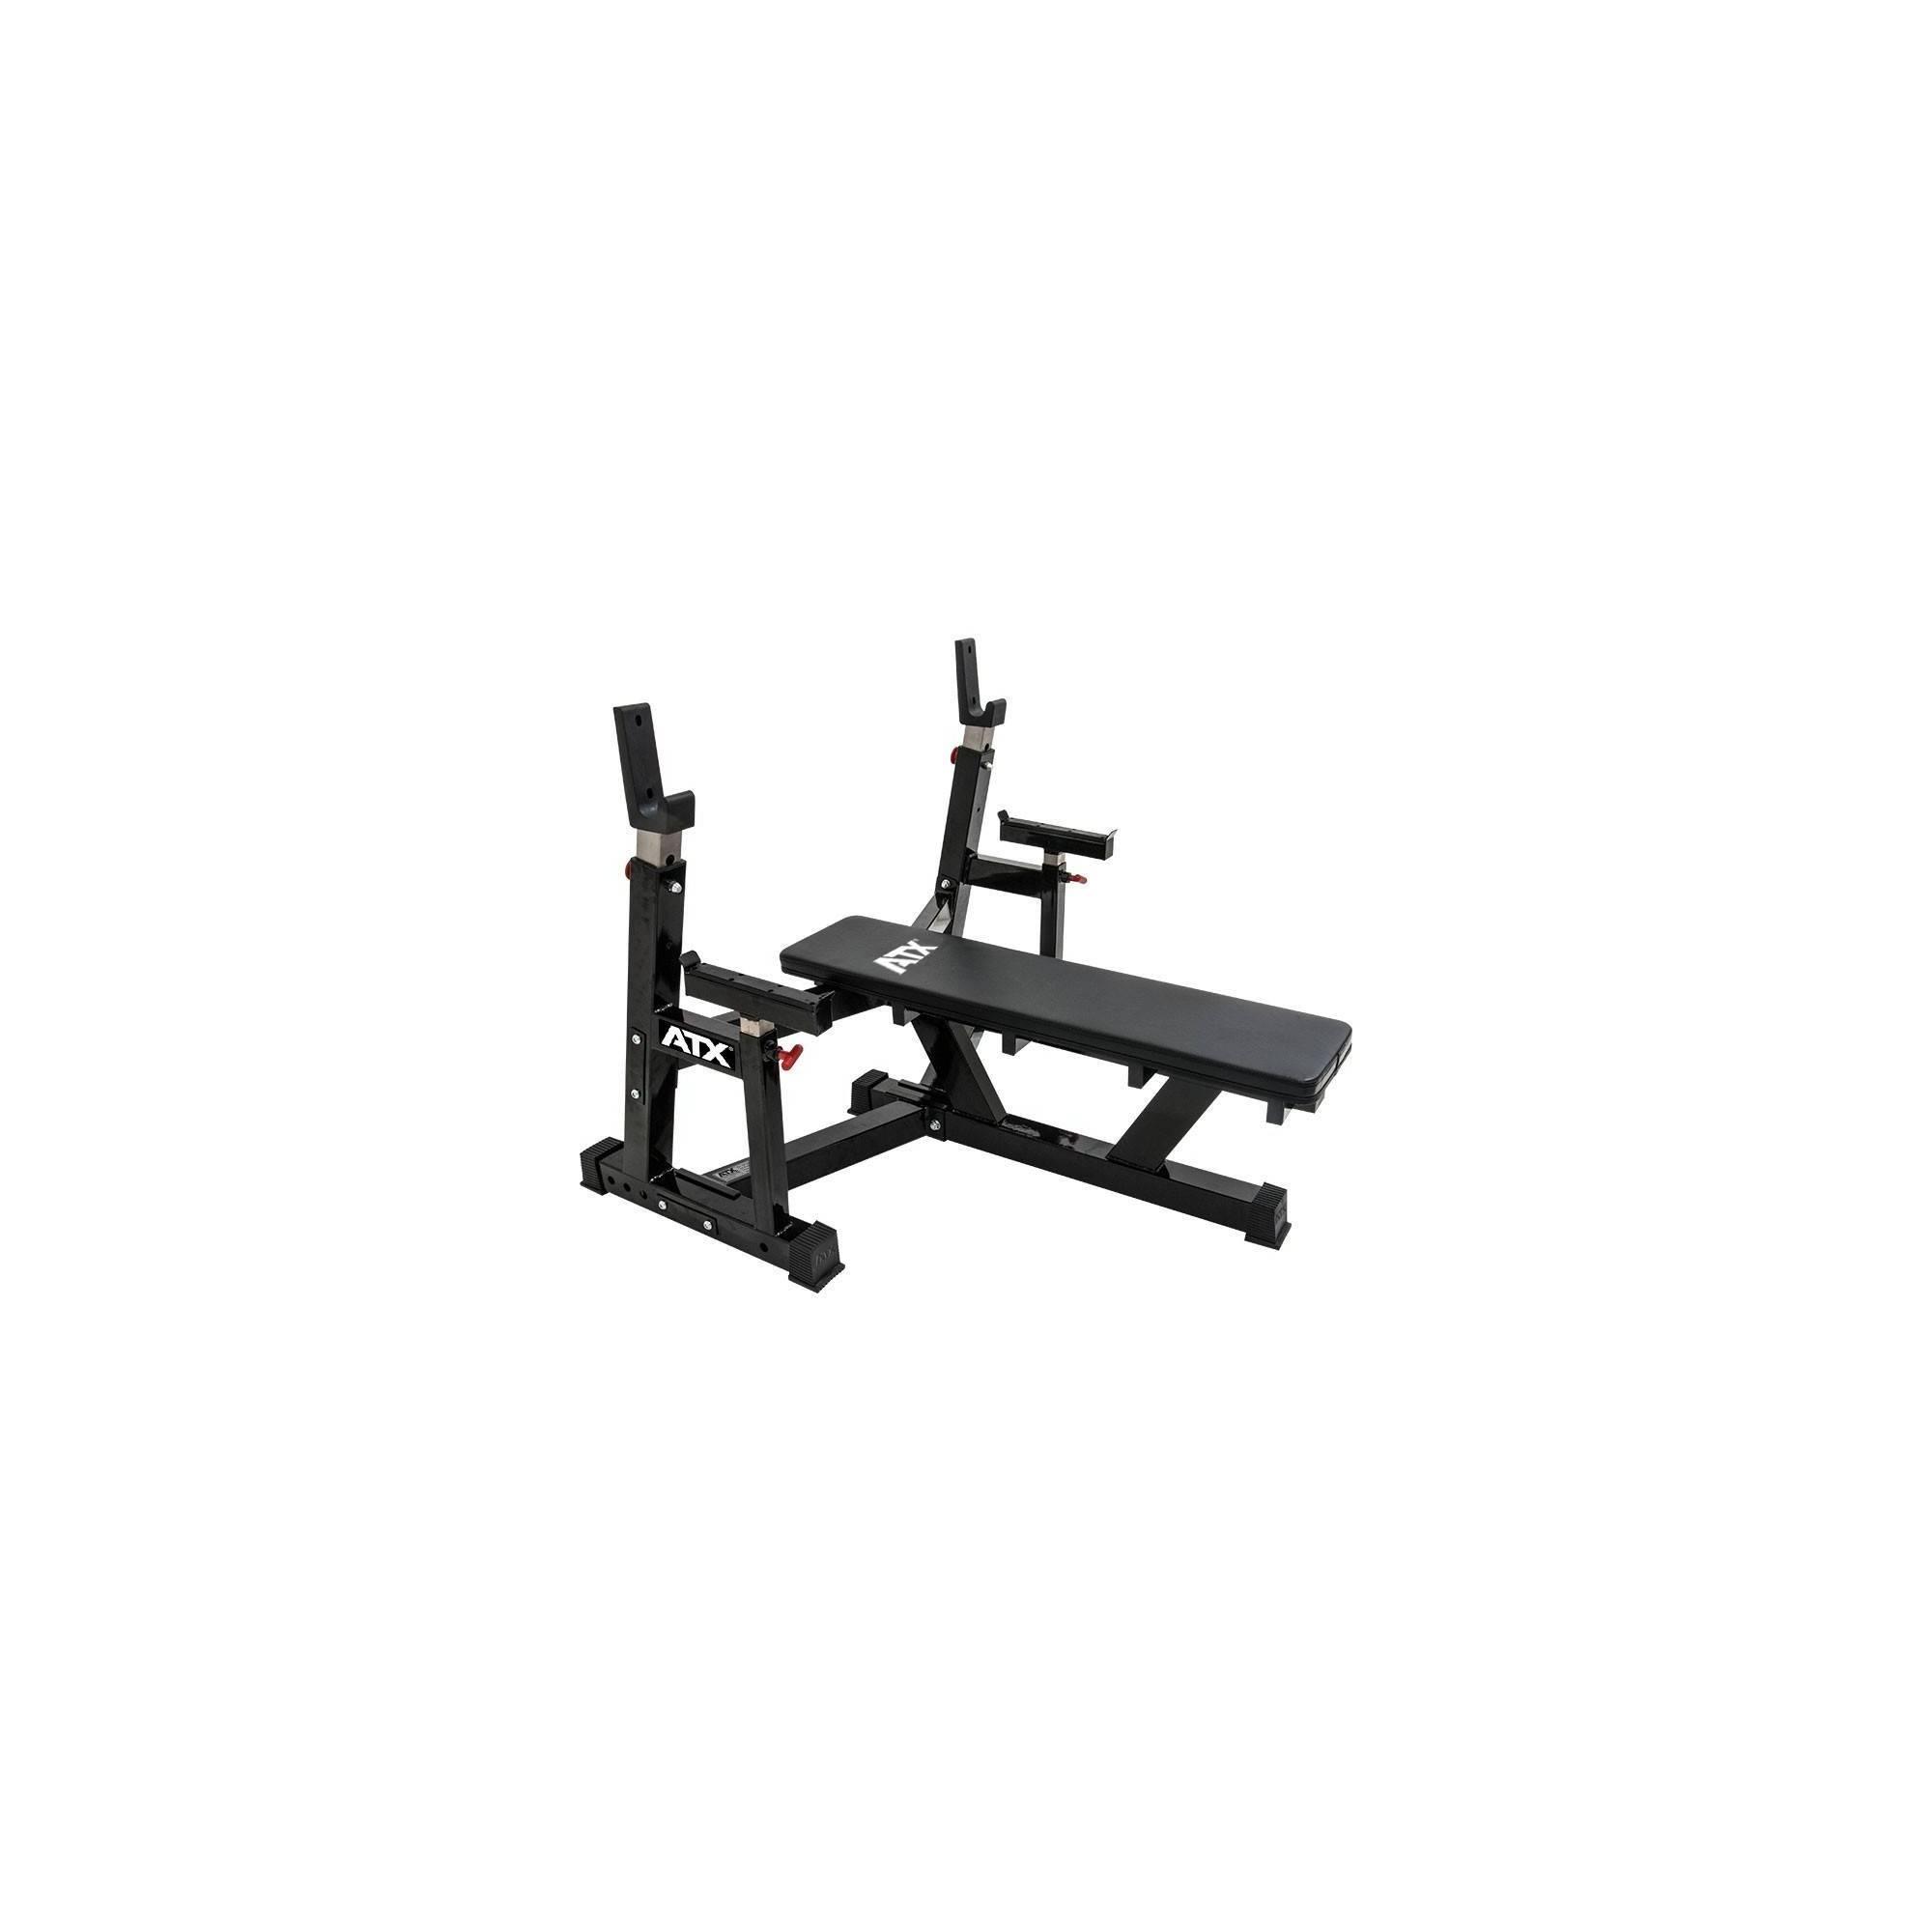 Ławka pod sztangę ATX® OBX-750 Warrior Bench Press | olimpijska ATX - 1 | klubfitness.pl | sprzęt sportowy sport equipment